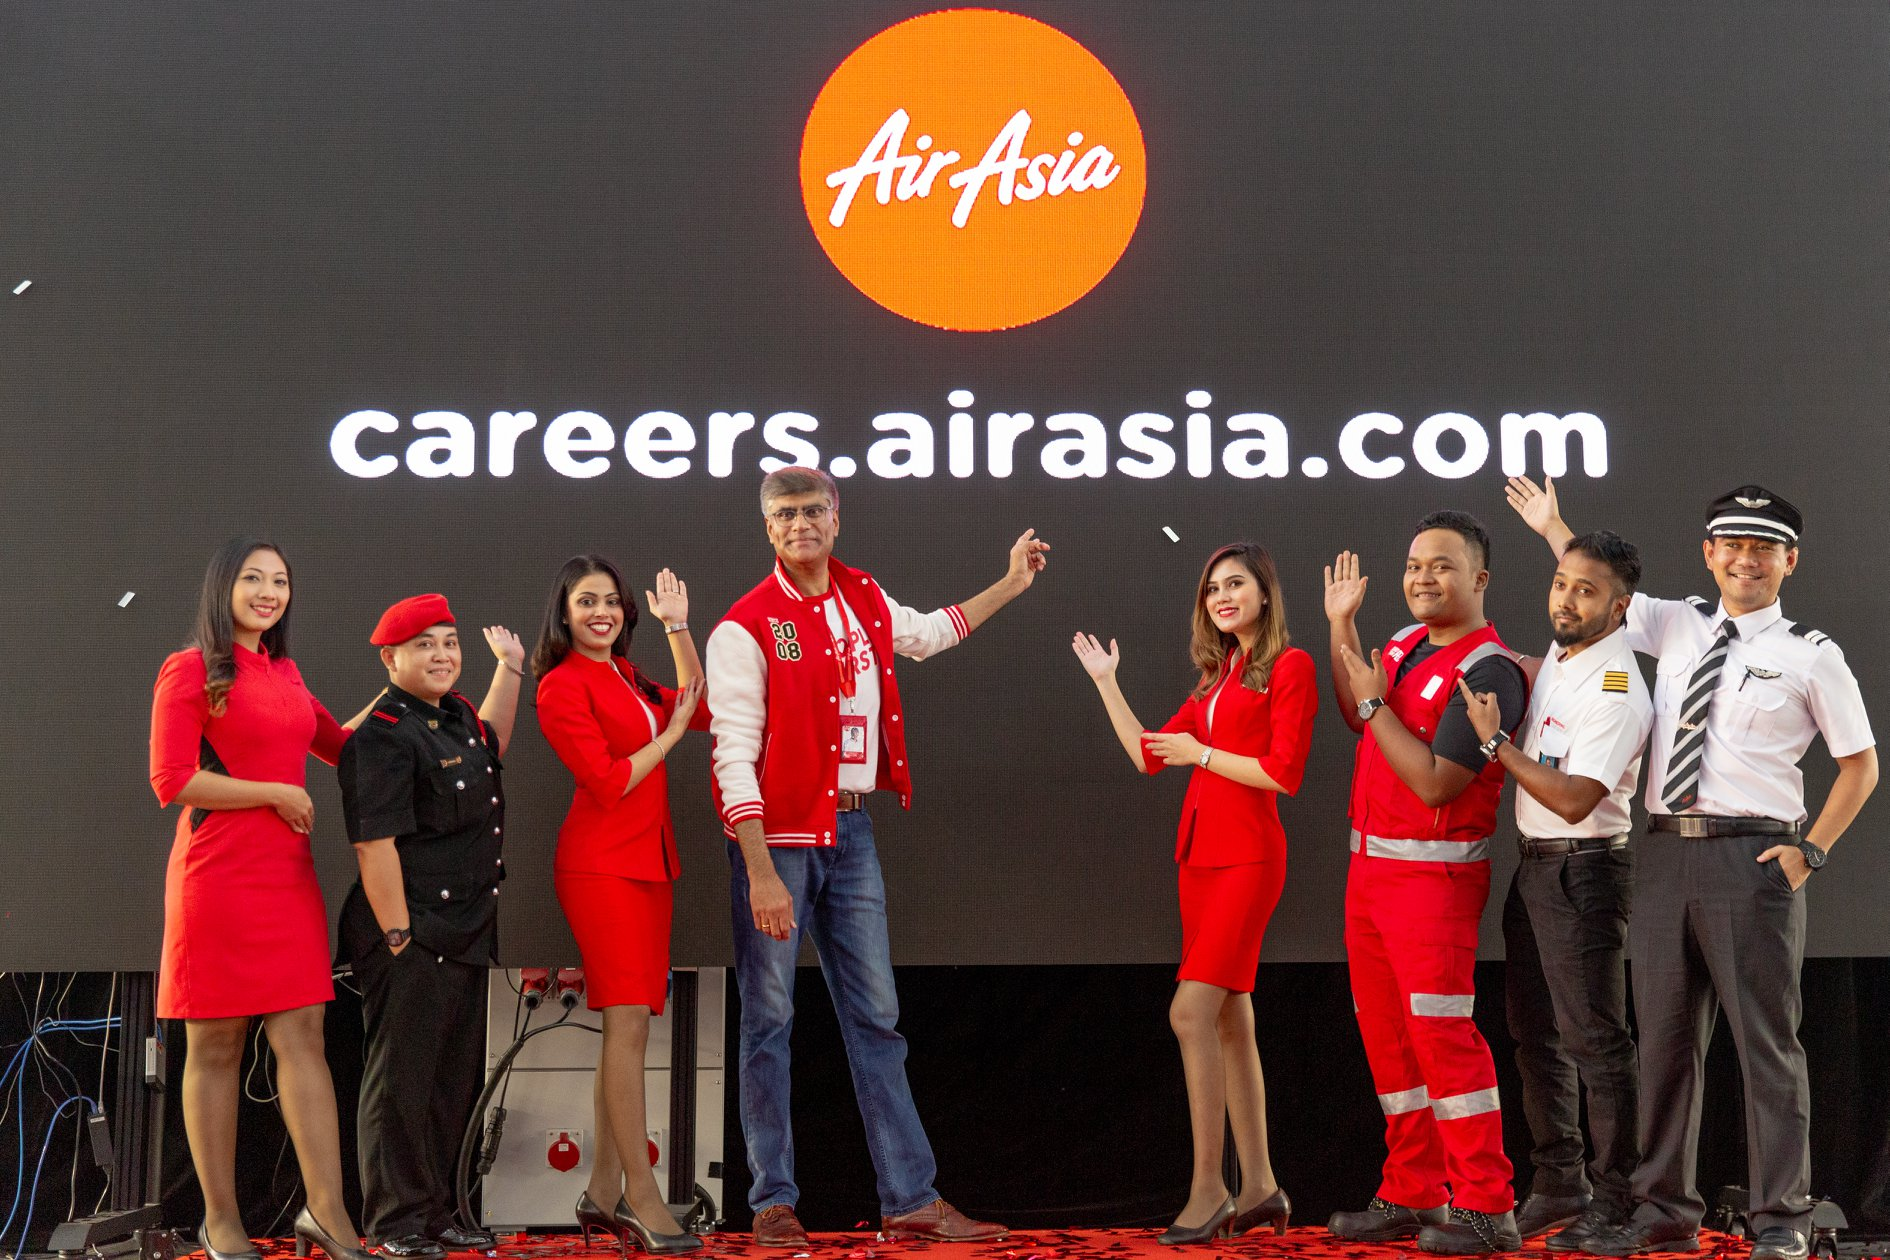 亚航集团人事及文化部总执行员 Varun Bhatia与亚航员工(Allstars)今日于RedQ举办People First Day,并发布亚航新职业招聘网站。